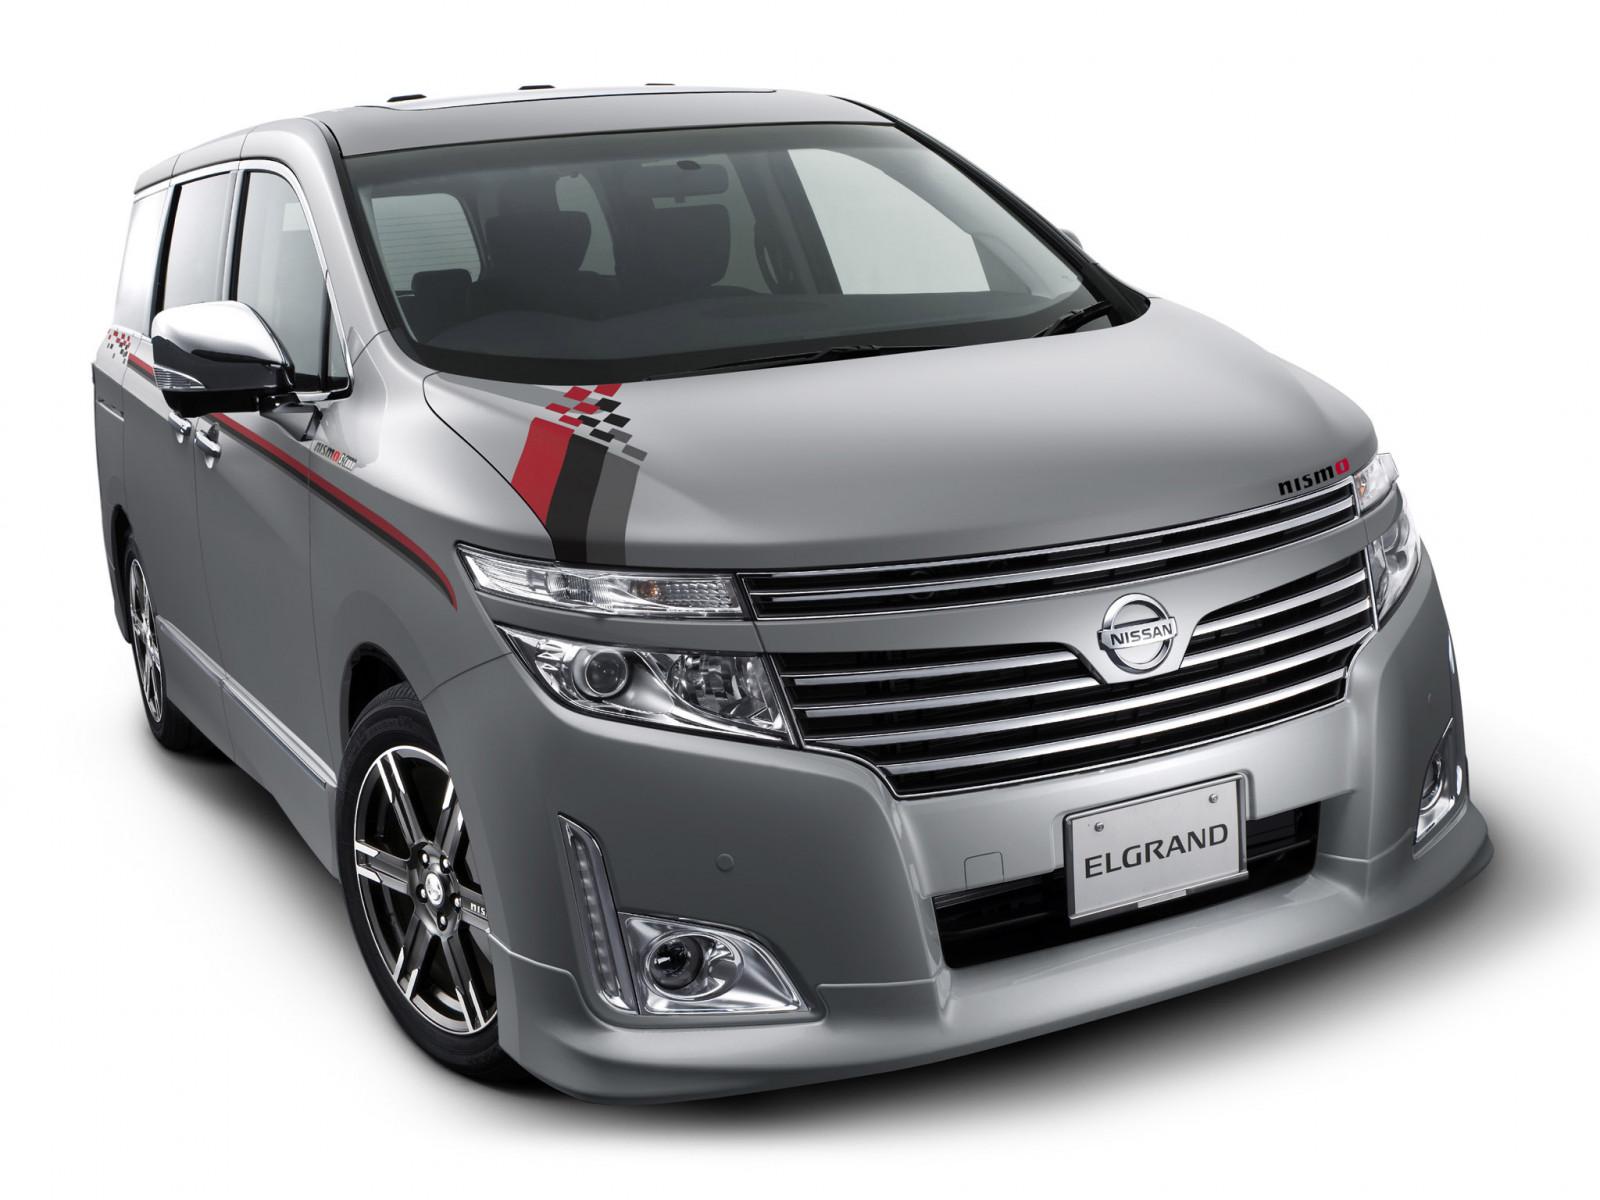 Datsun/Nissan PDF Sales Brochures - Auto-Brochures.com|Car ...